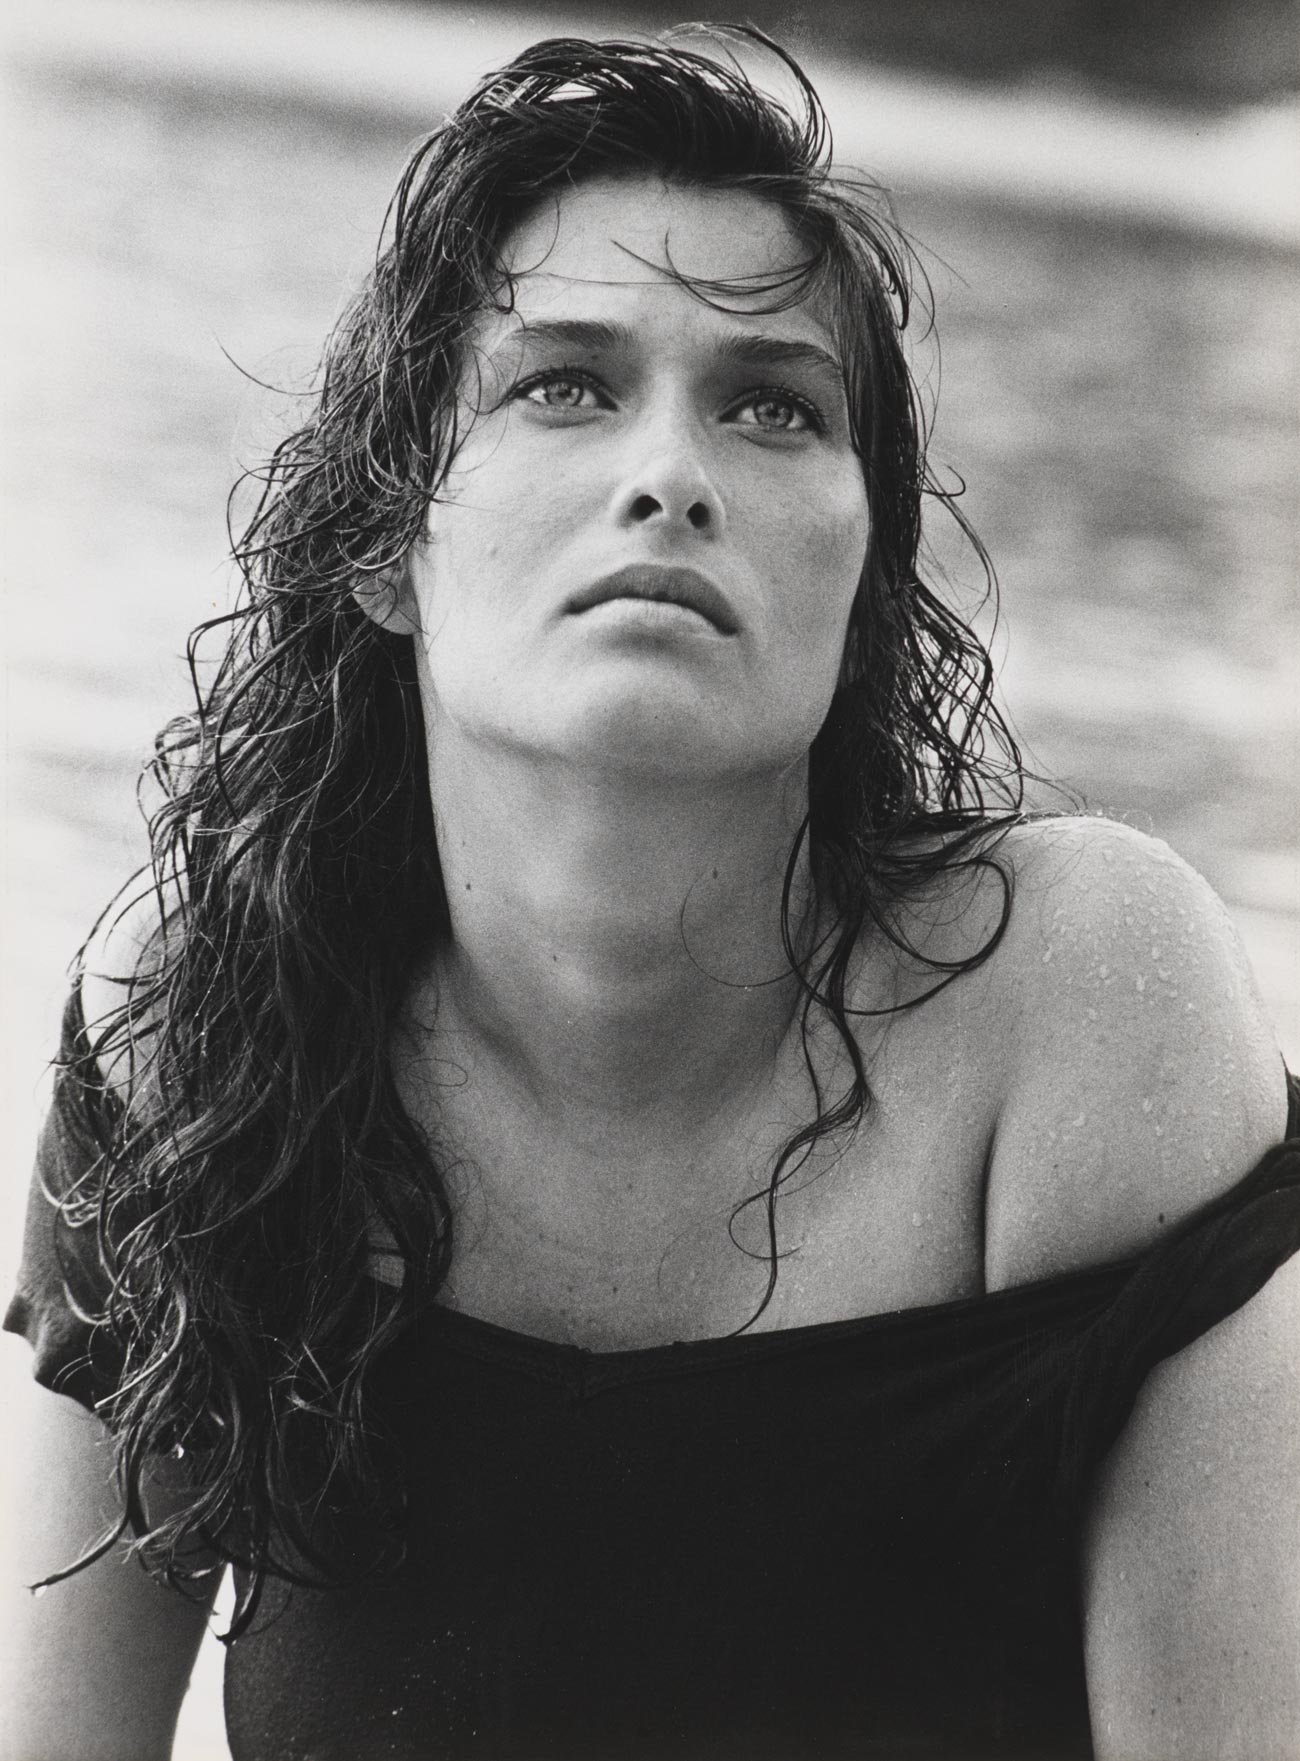 Bruce Weber - Rosemary mc Grotha